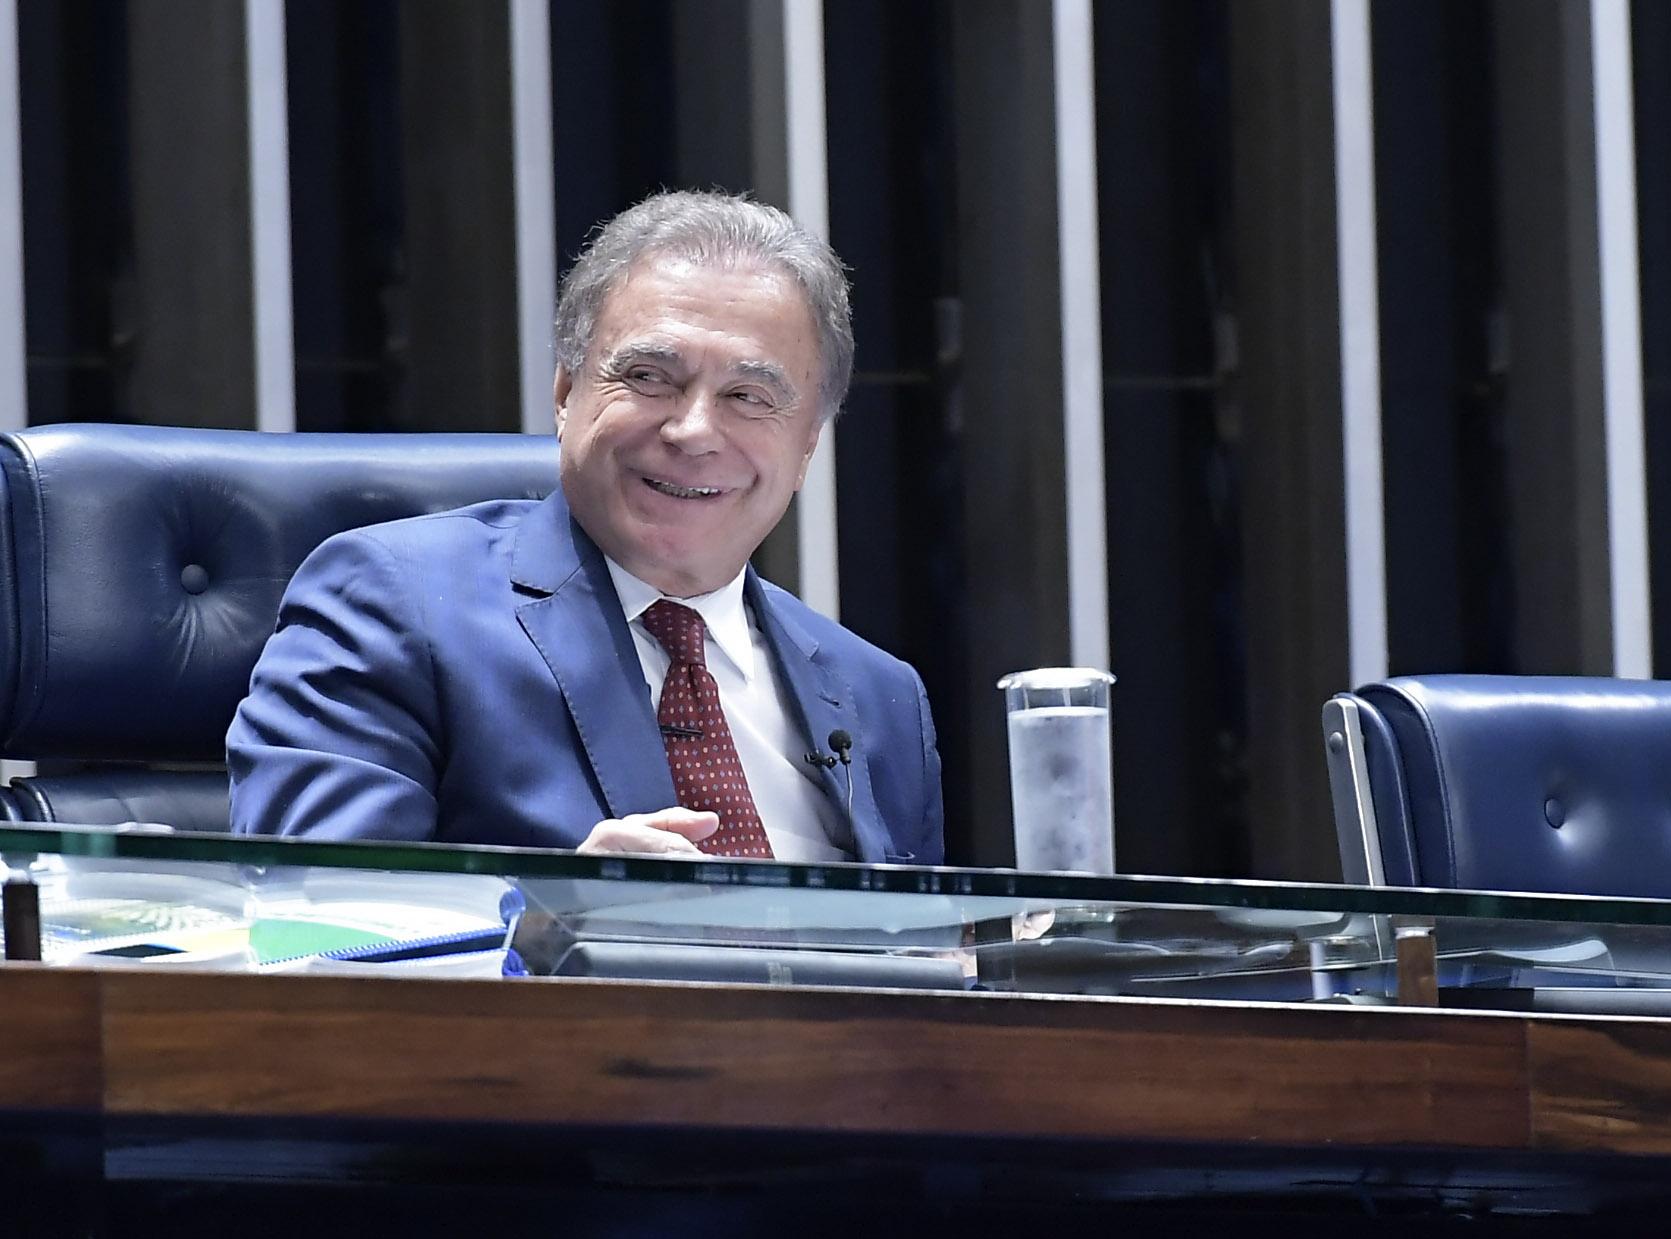 IMAGEM: Podemos quer apresentar o nome de Alvaro Dias, mas há quem ainda aposte em Moro